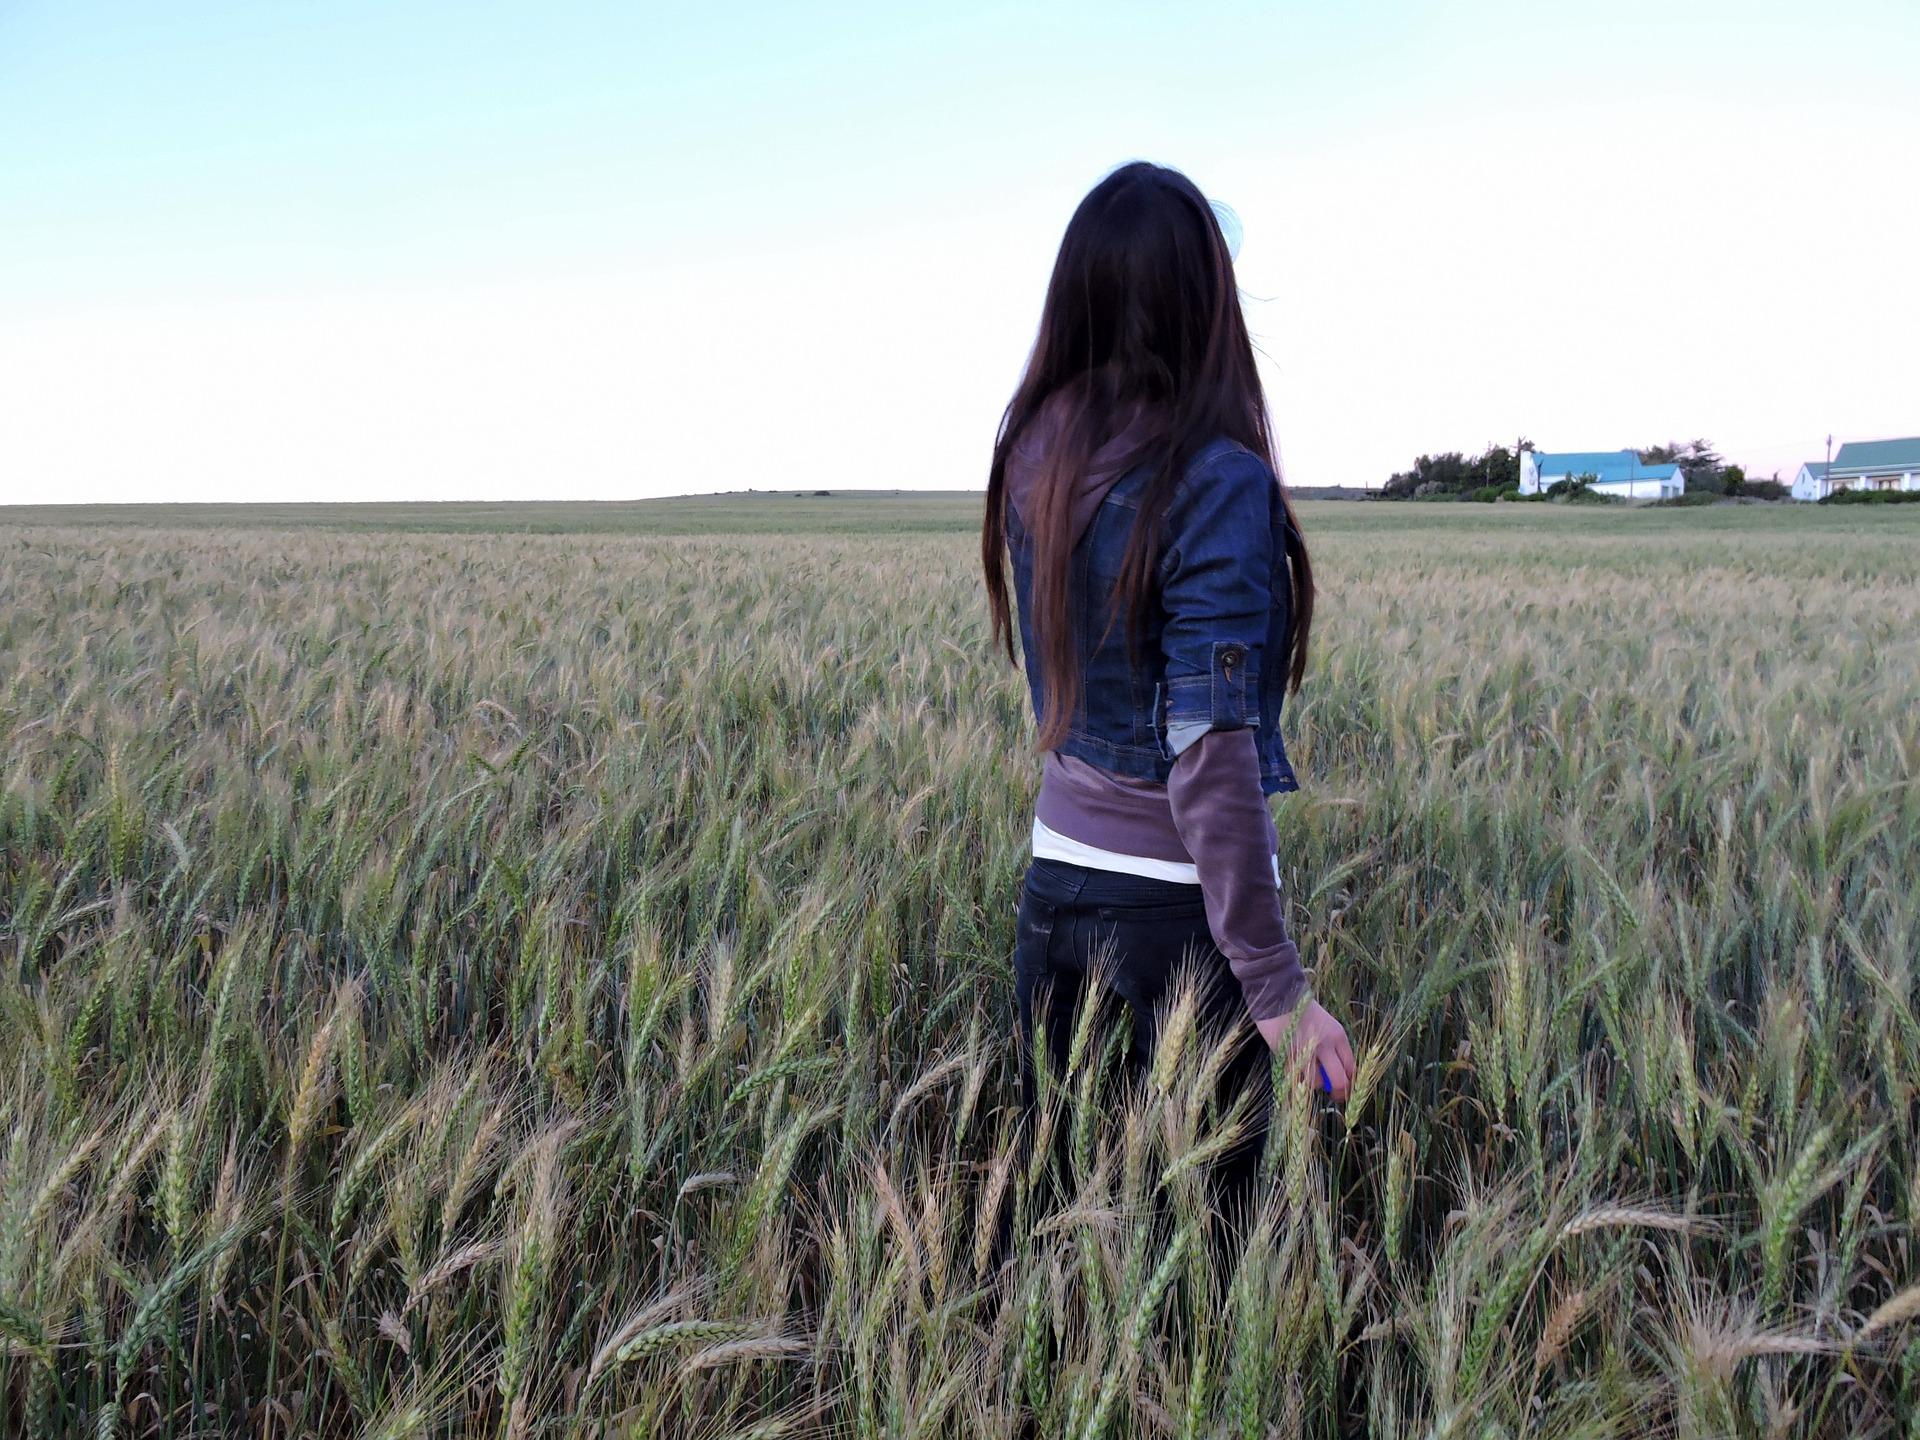 Tổng hợp hình ảnh cô gái buồn, cô đơn